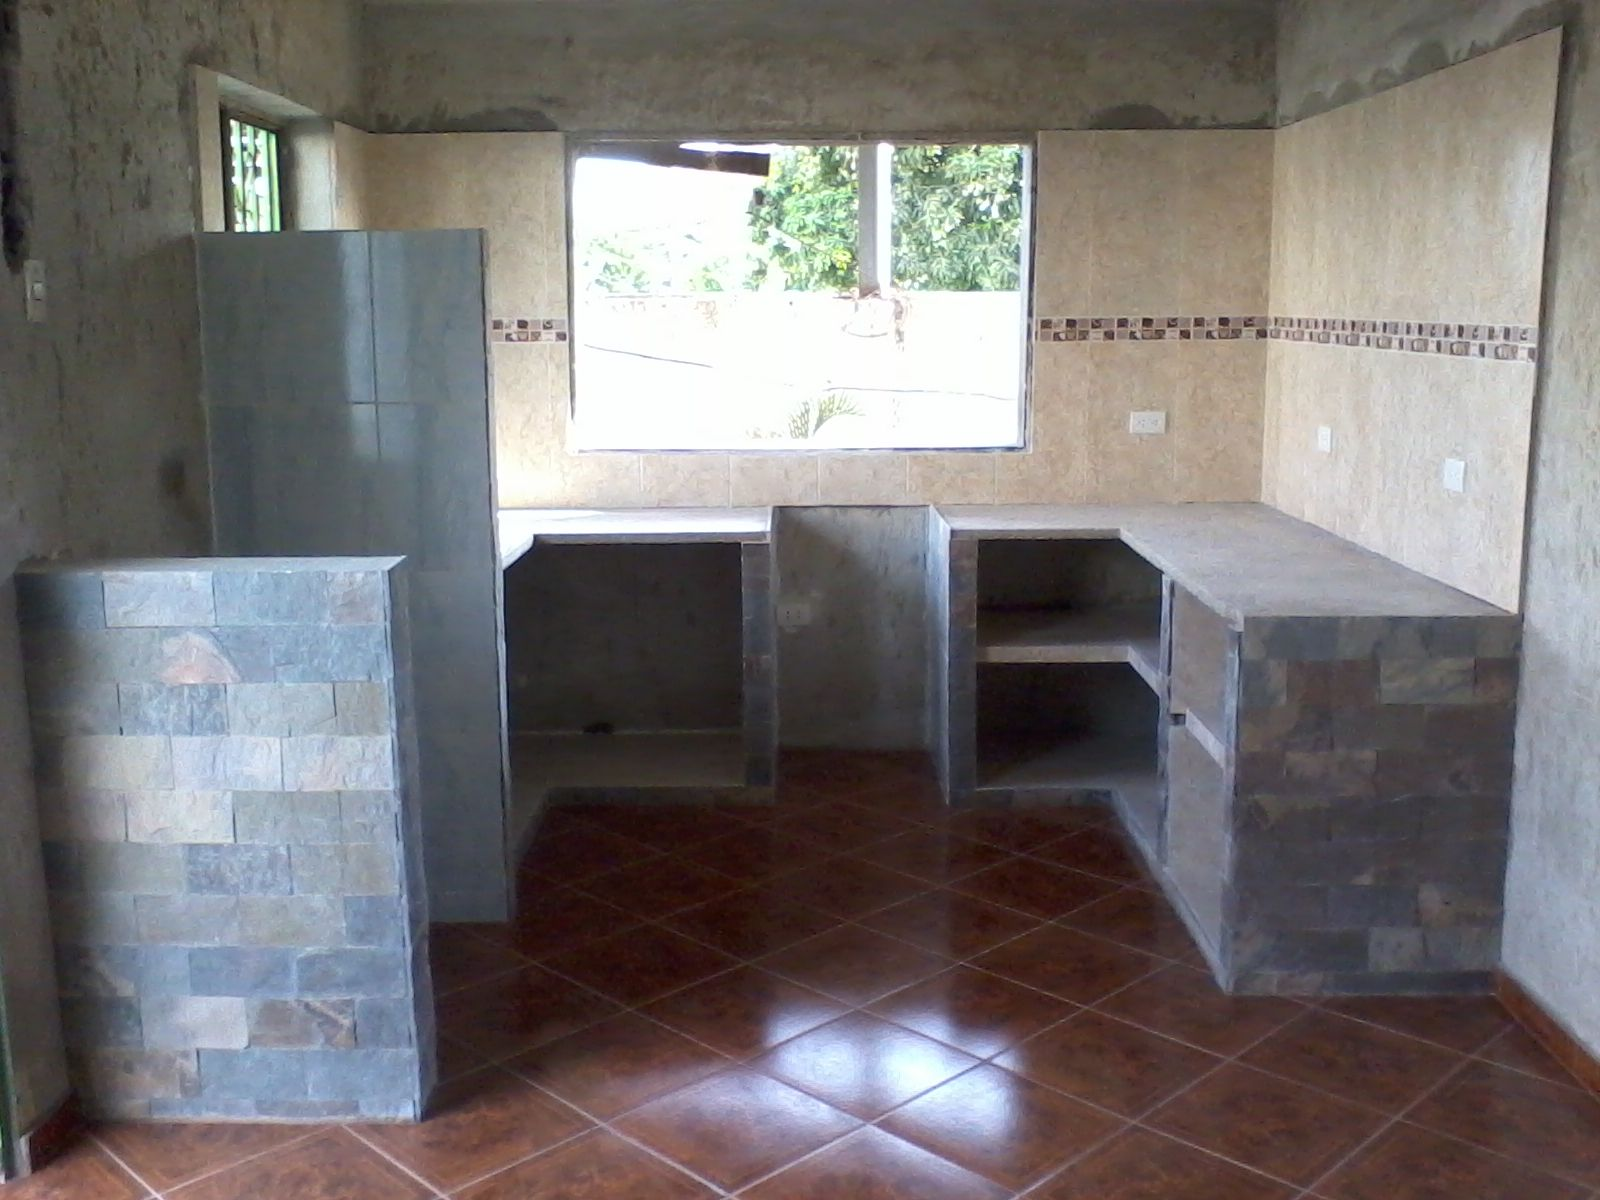 Cocina en mamposteria recubierta con ceramica y laja for Cocinas de concreto modernas